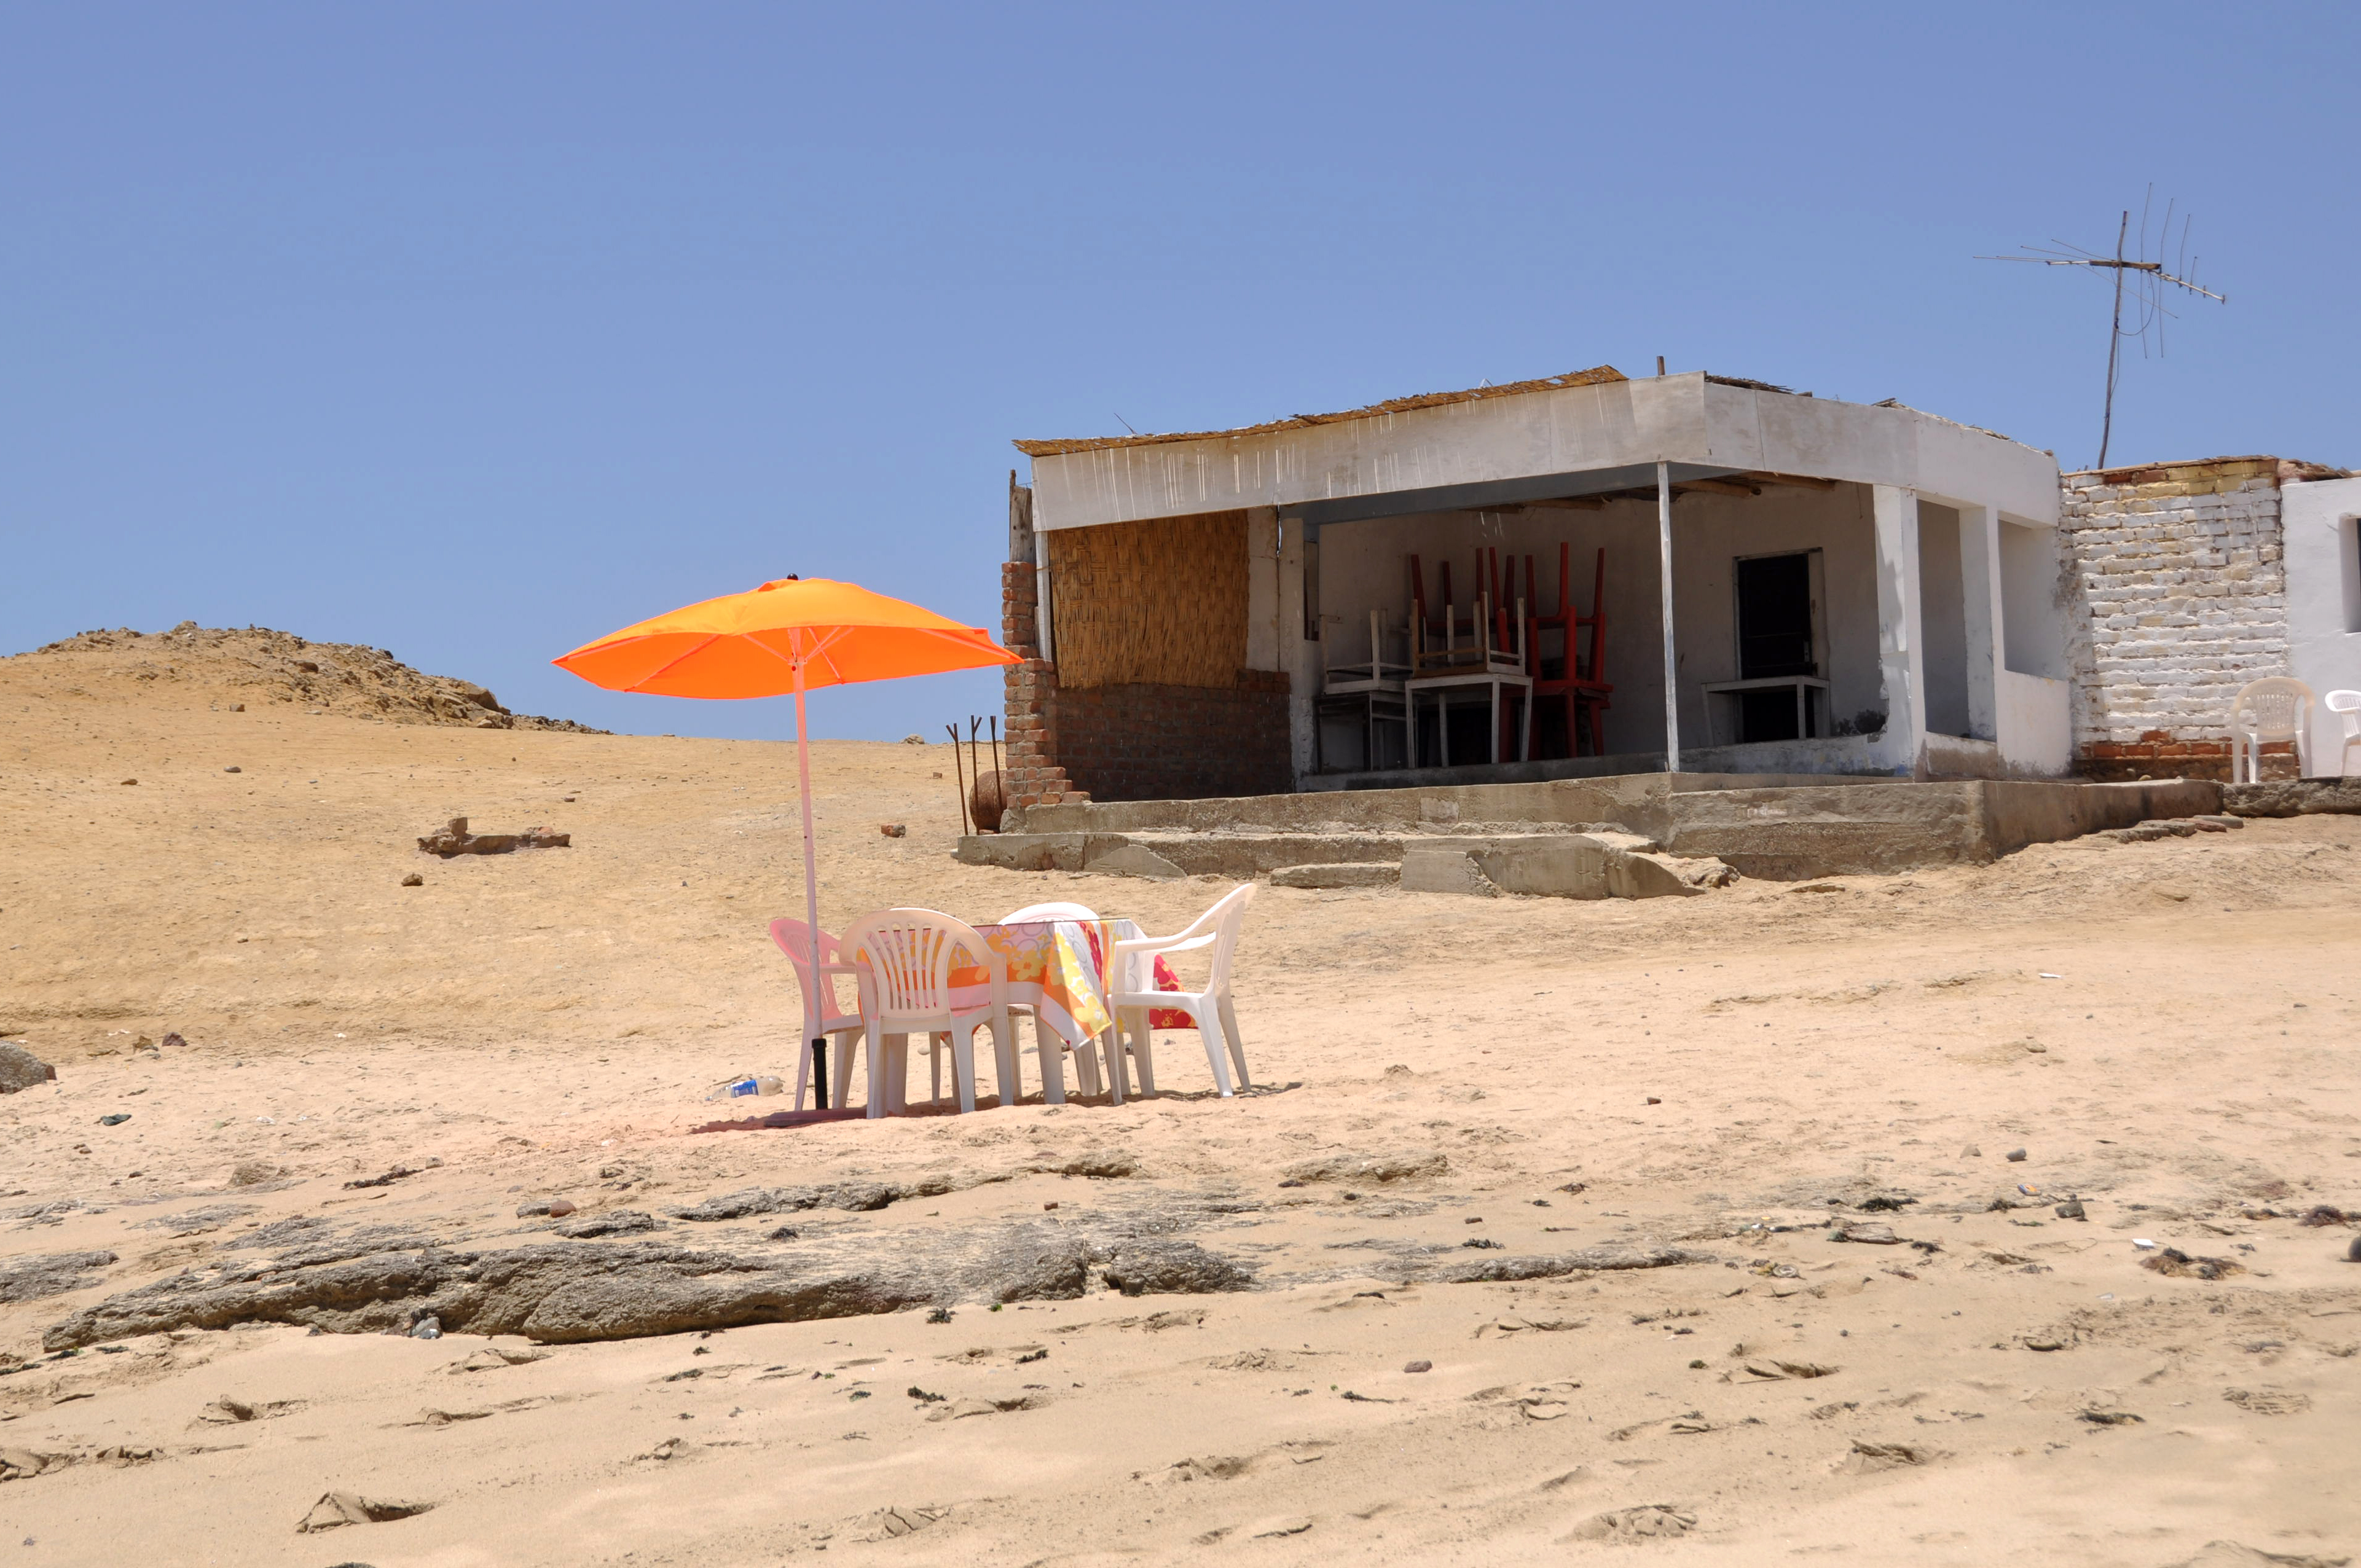 Reserva nacional de Paracas en Lagunillas, Perú. Sonsoles Lozano